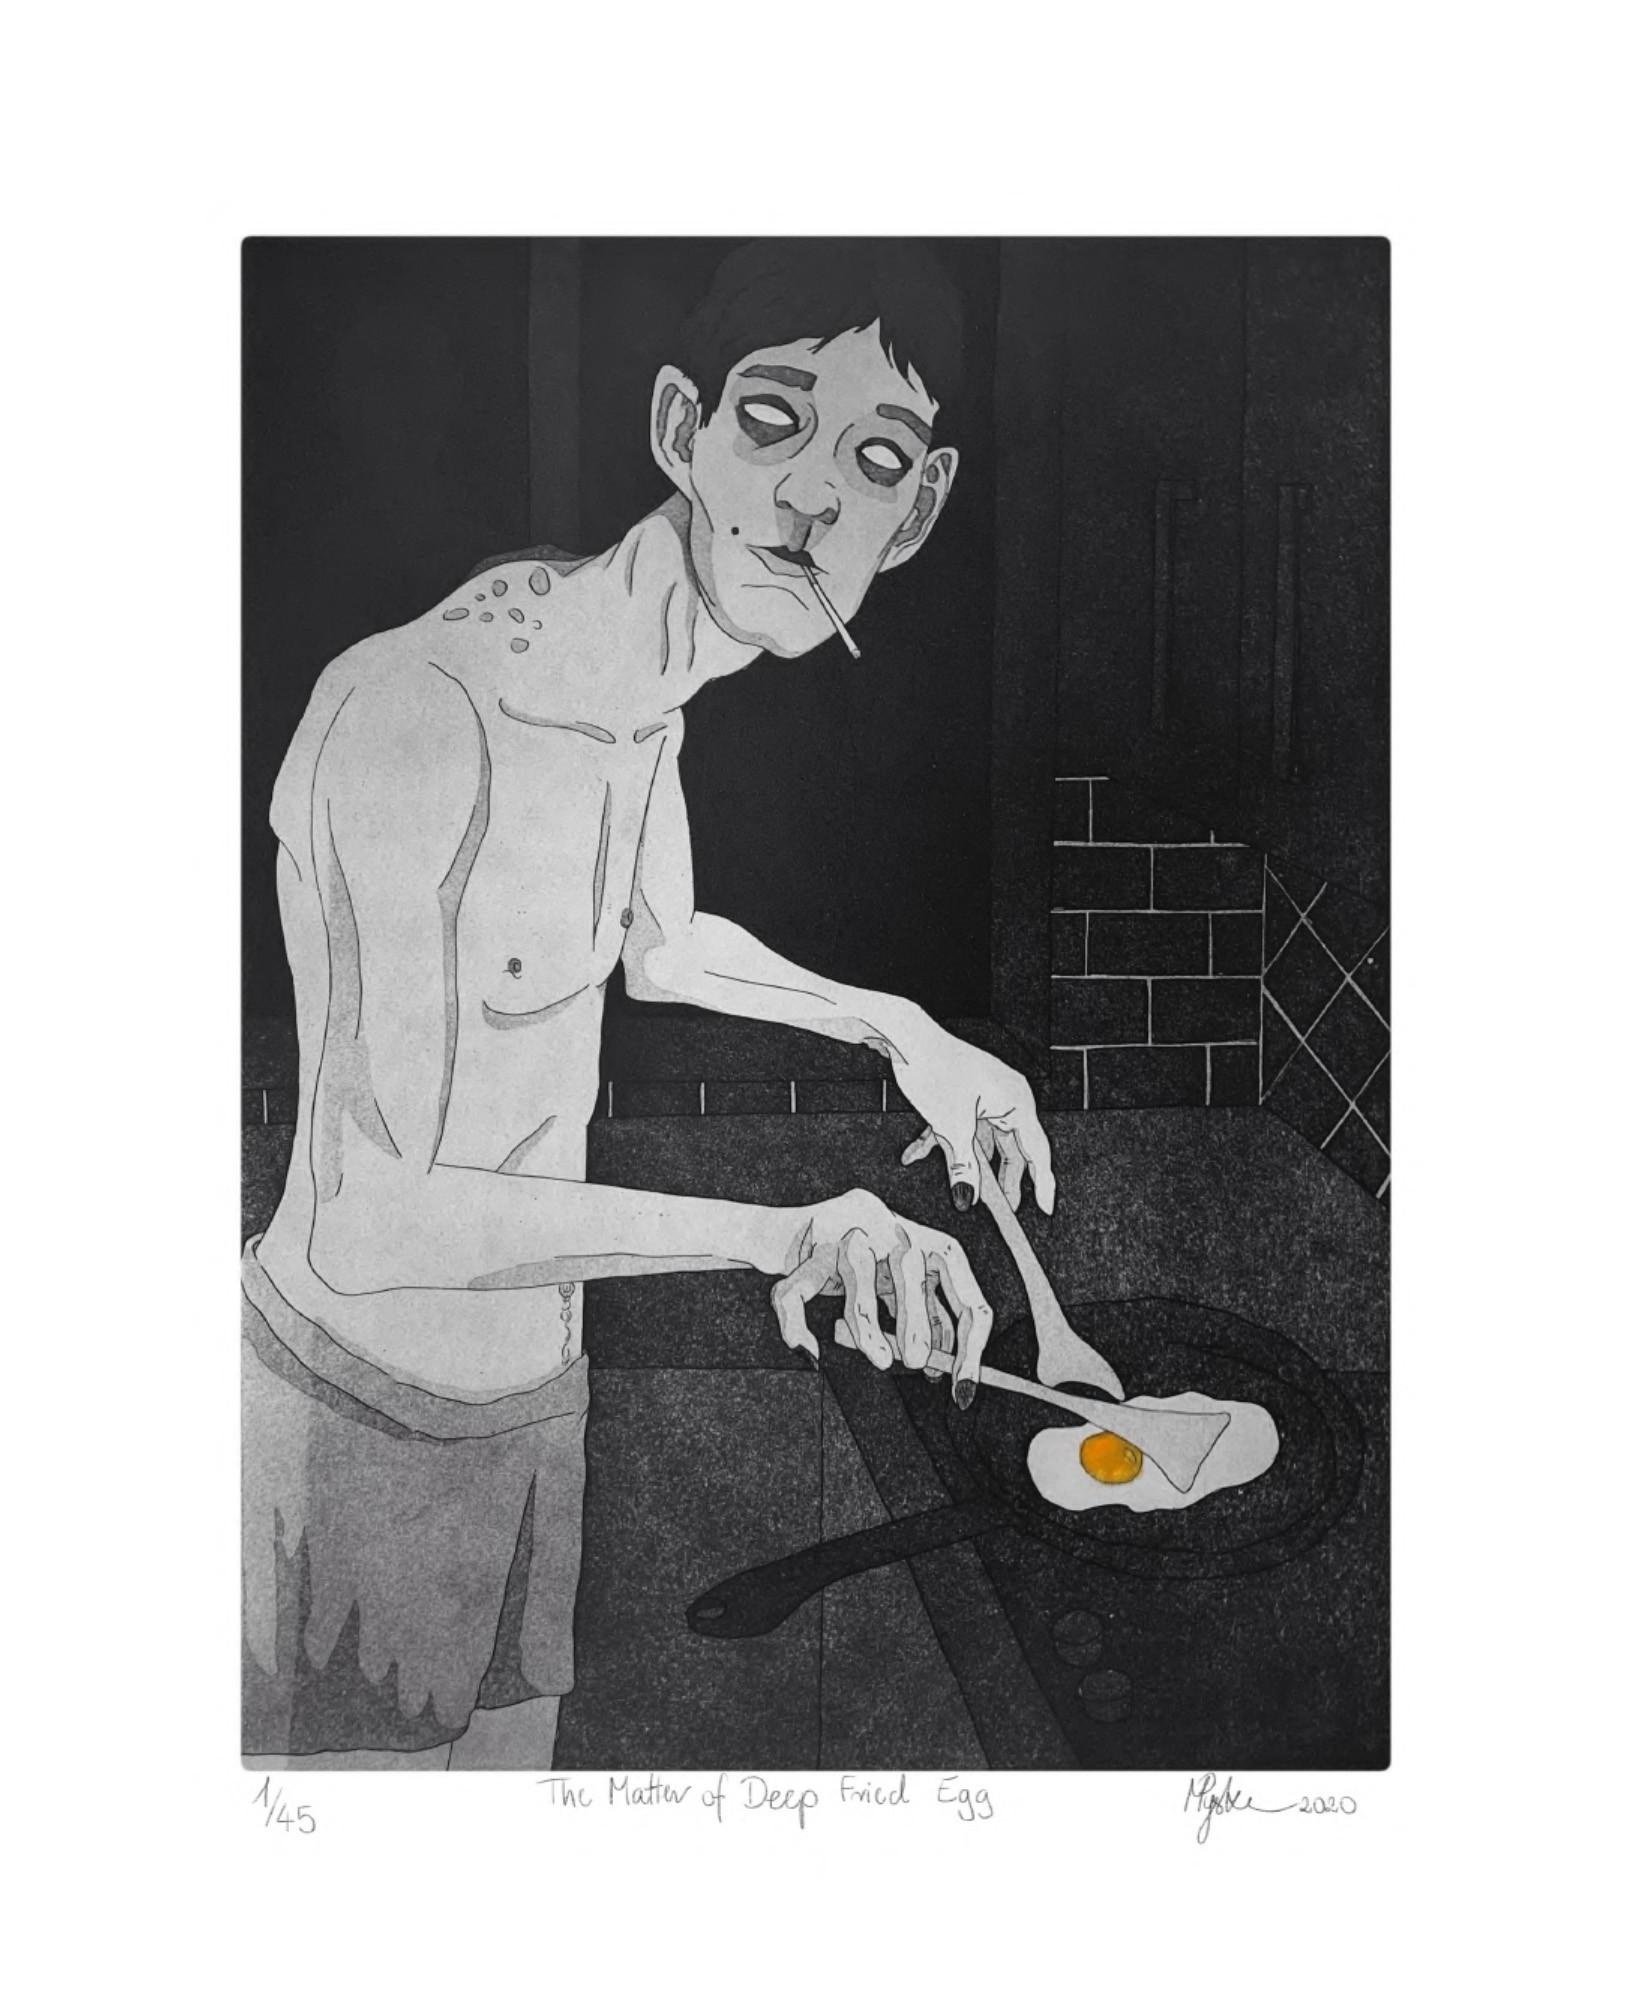 The Matter of Deep Fried Egg